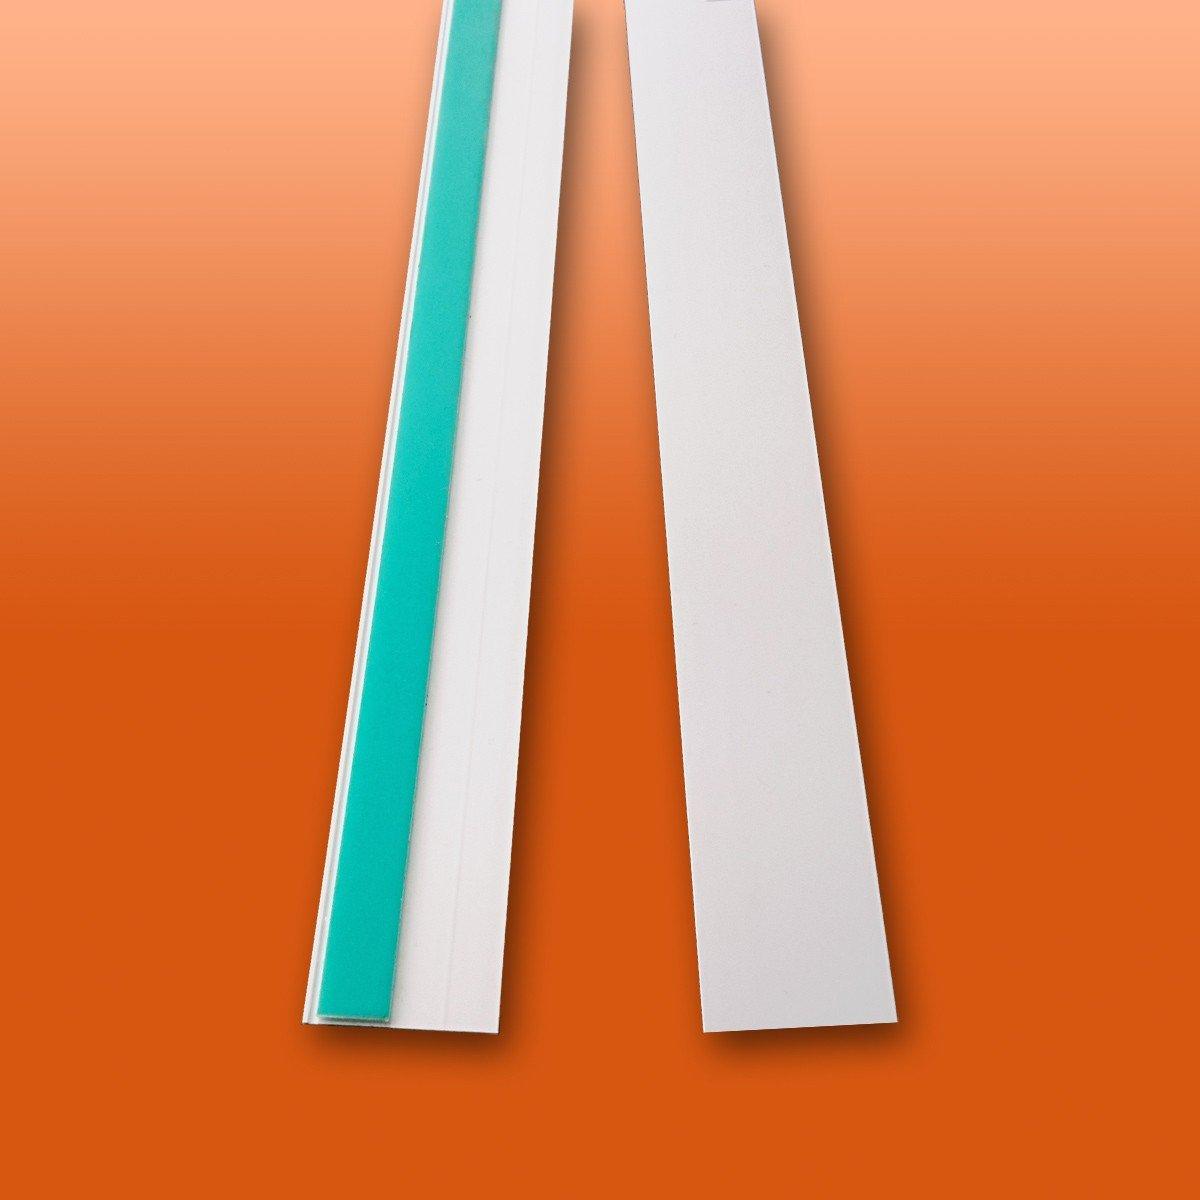 Fensterleiste Flachprofil PVC selbstklebend 30mm breit 50m lang Abdeckleiste